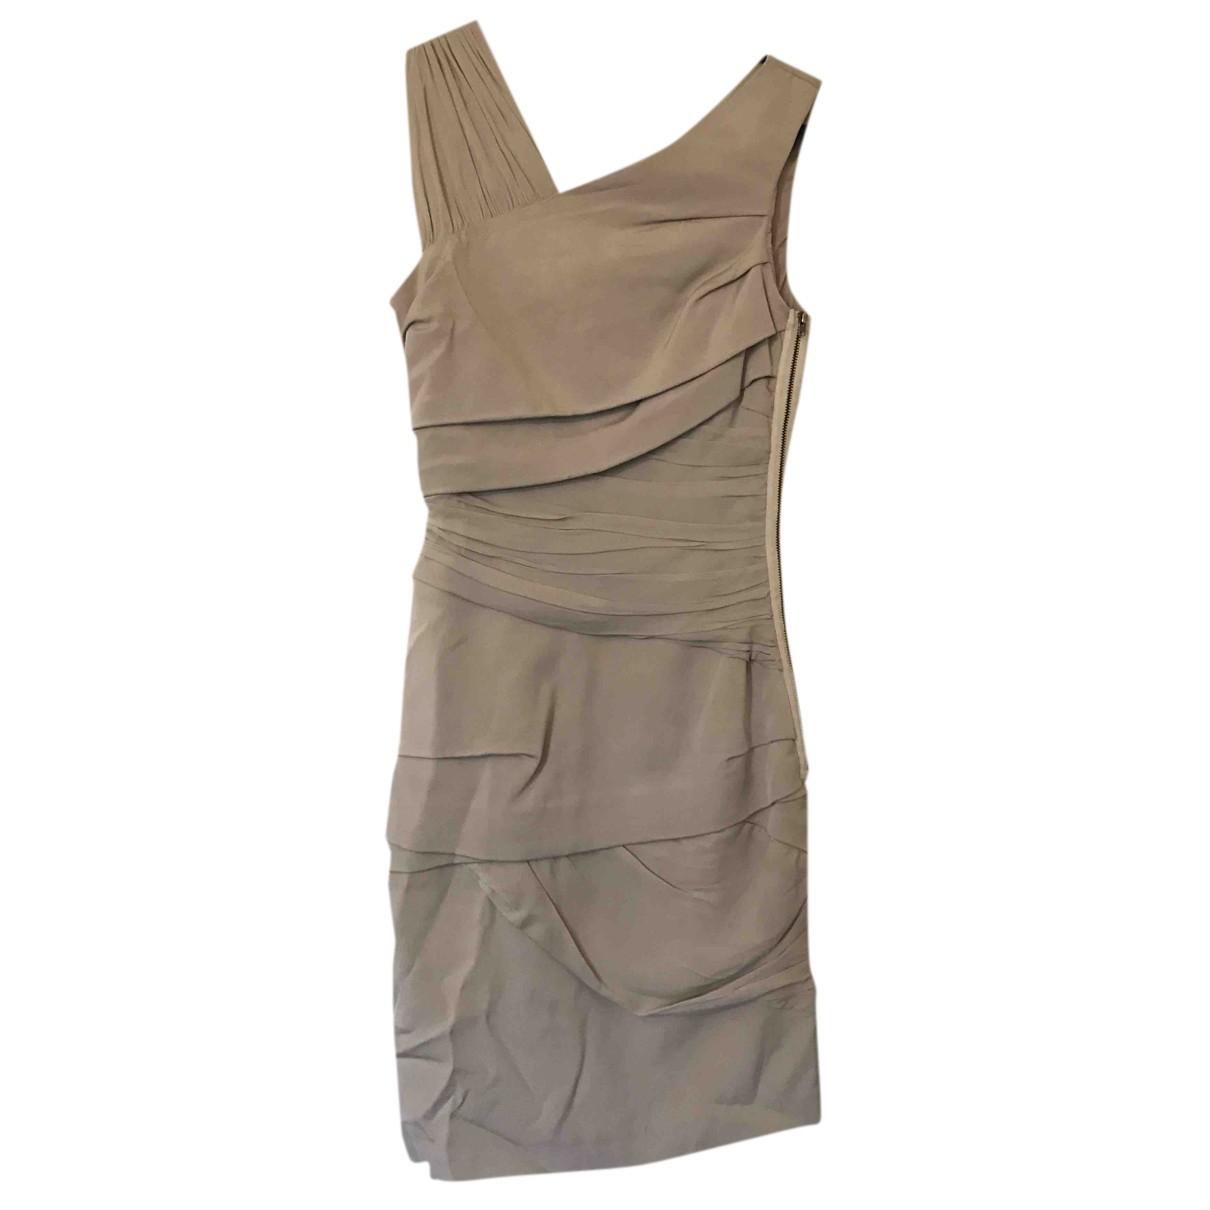 Reiss N Beige dress for Women 8 UK